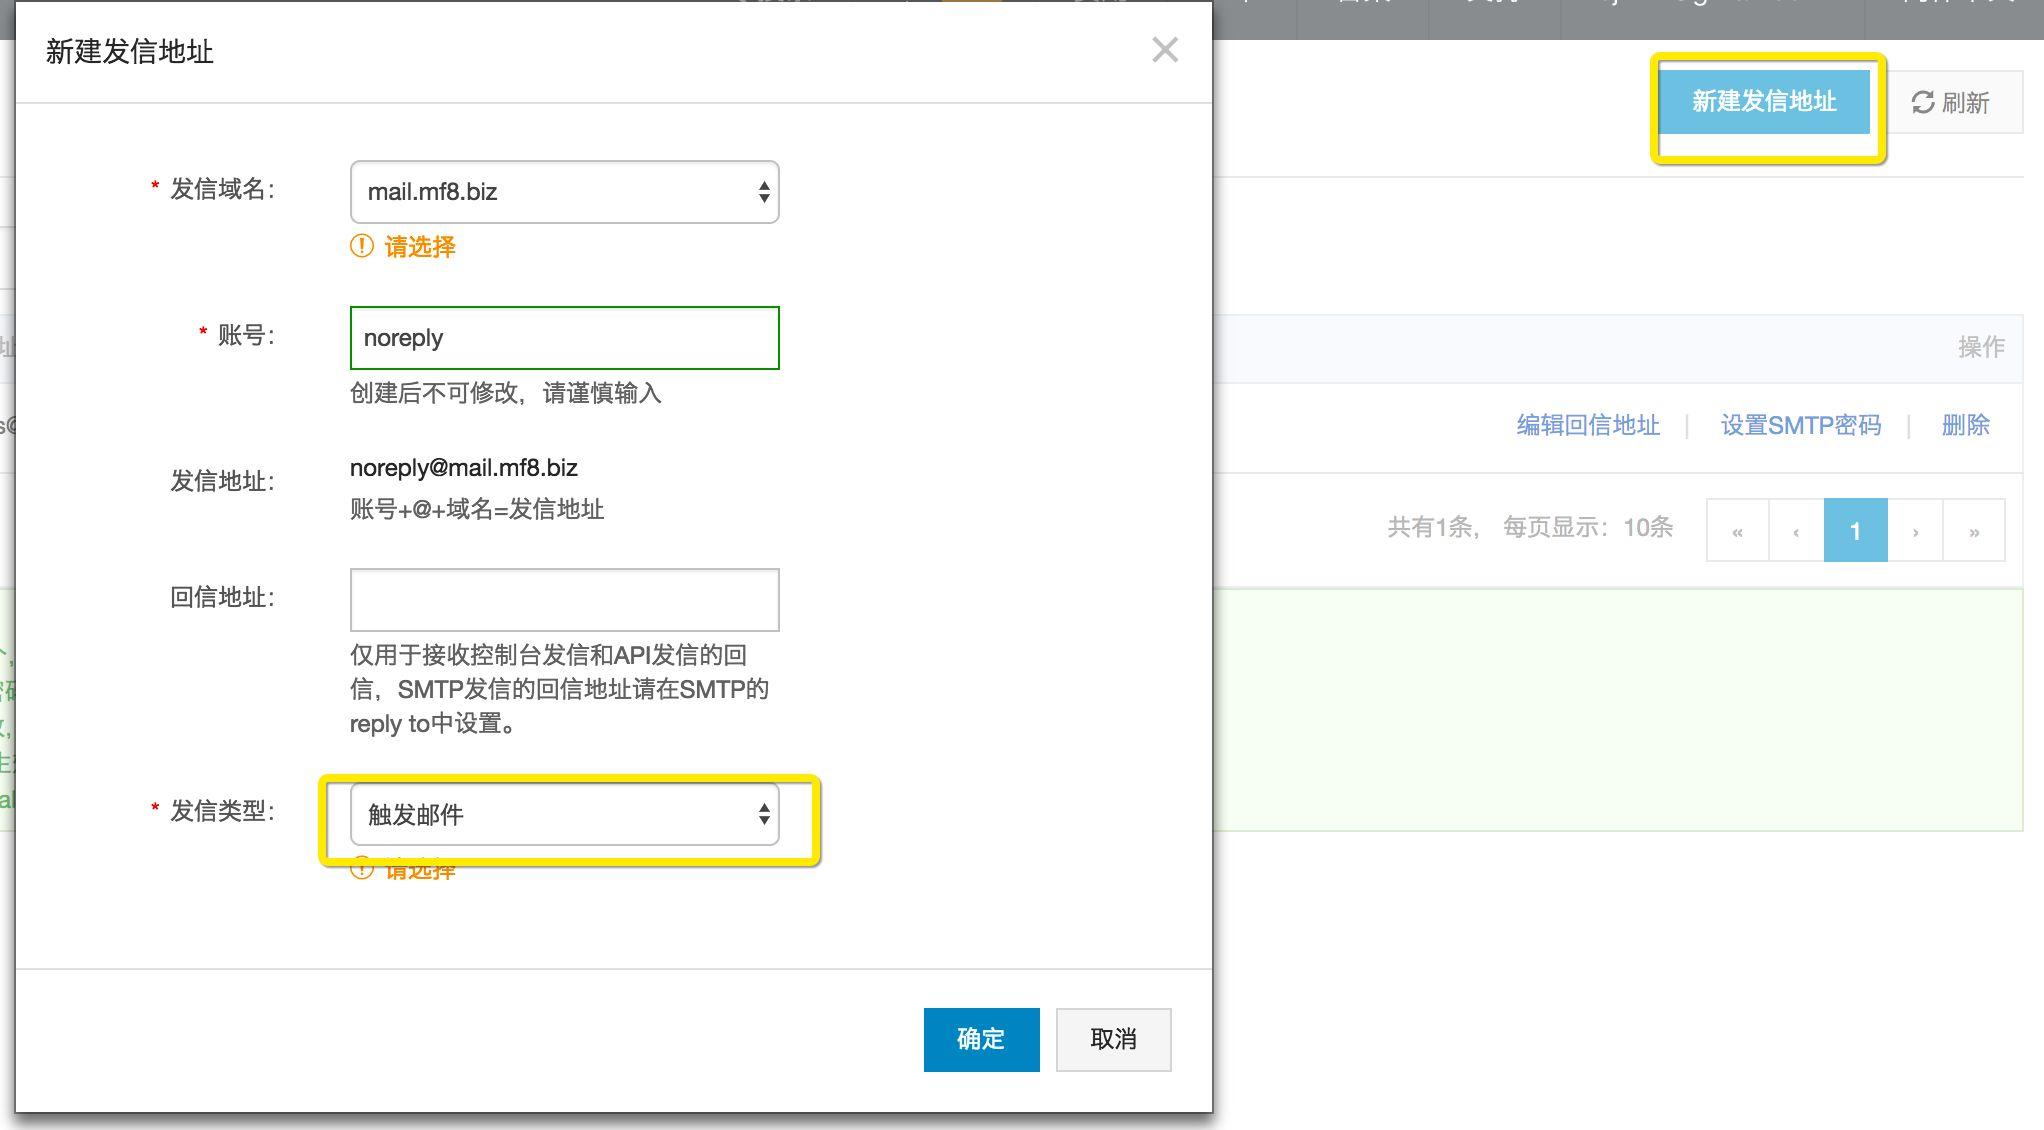 使用邮件推送服务设置 WP SMTP 发件-米饭粑